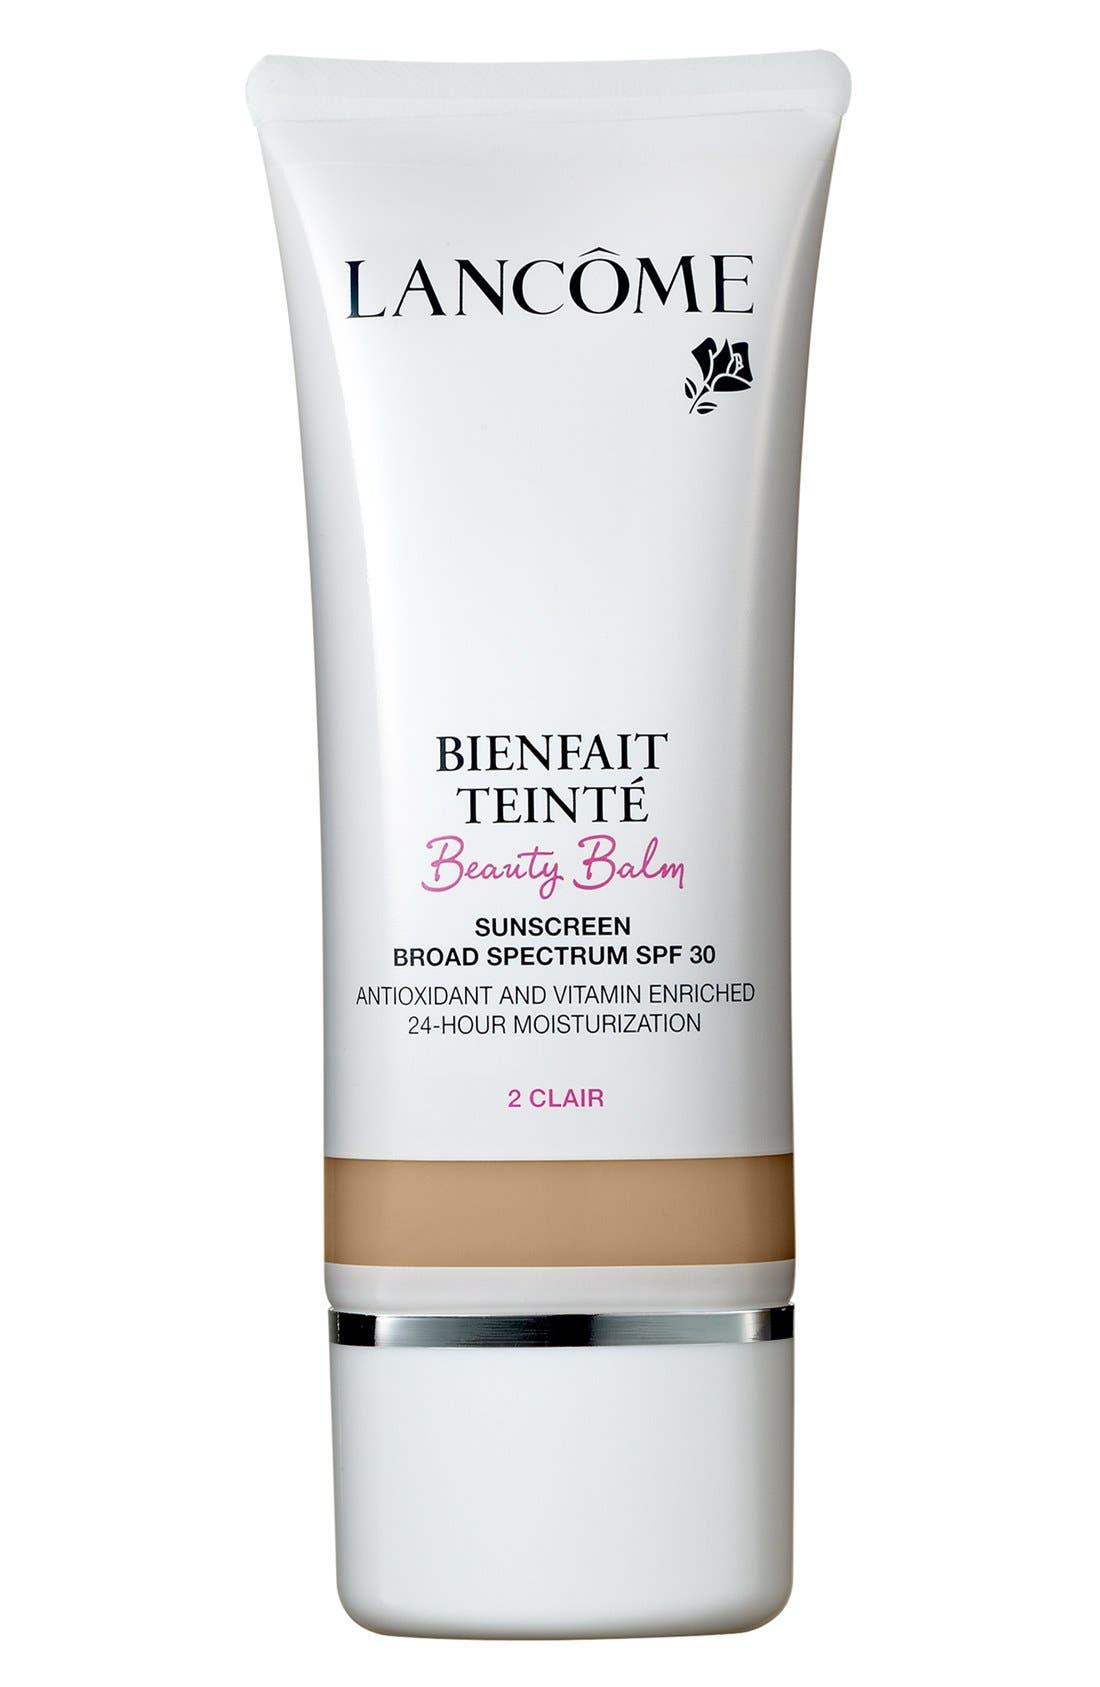 Lancôme Bienfait Teinté Beauty Balm